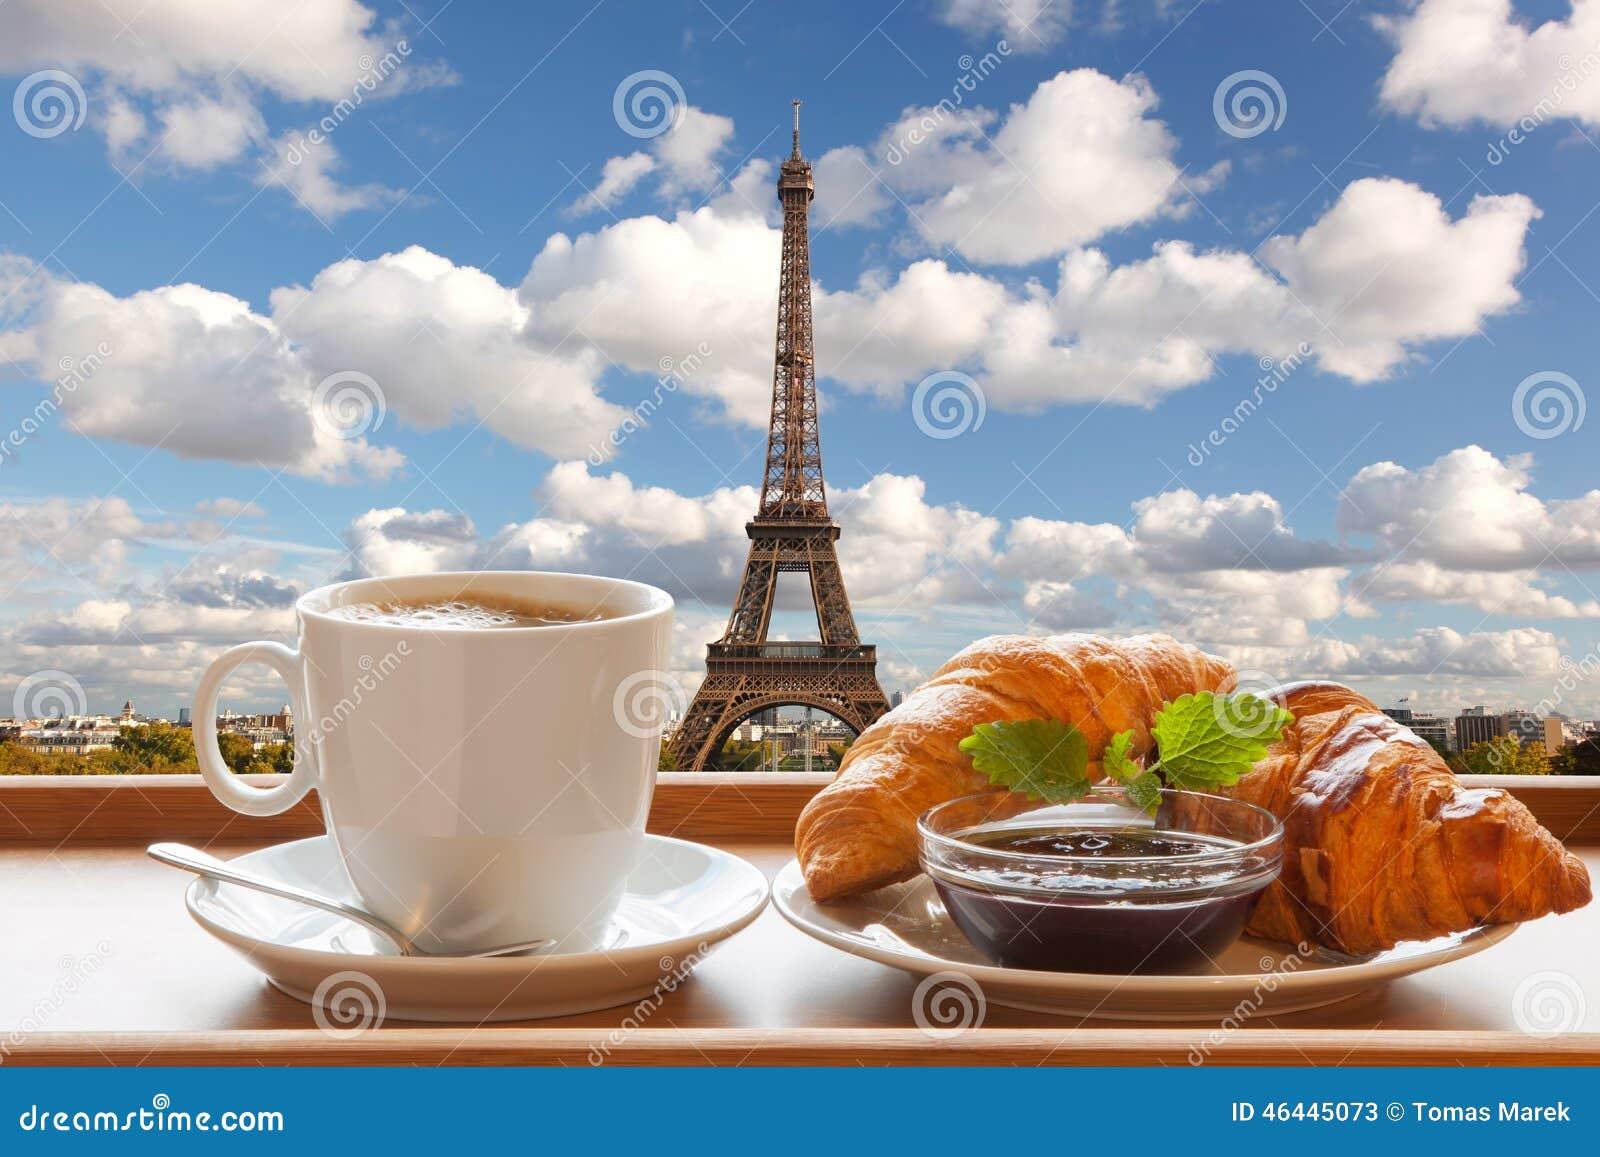 Caffè con i croissant contro la torre Eiffel a Parigi, Francia